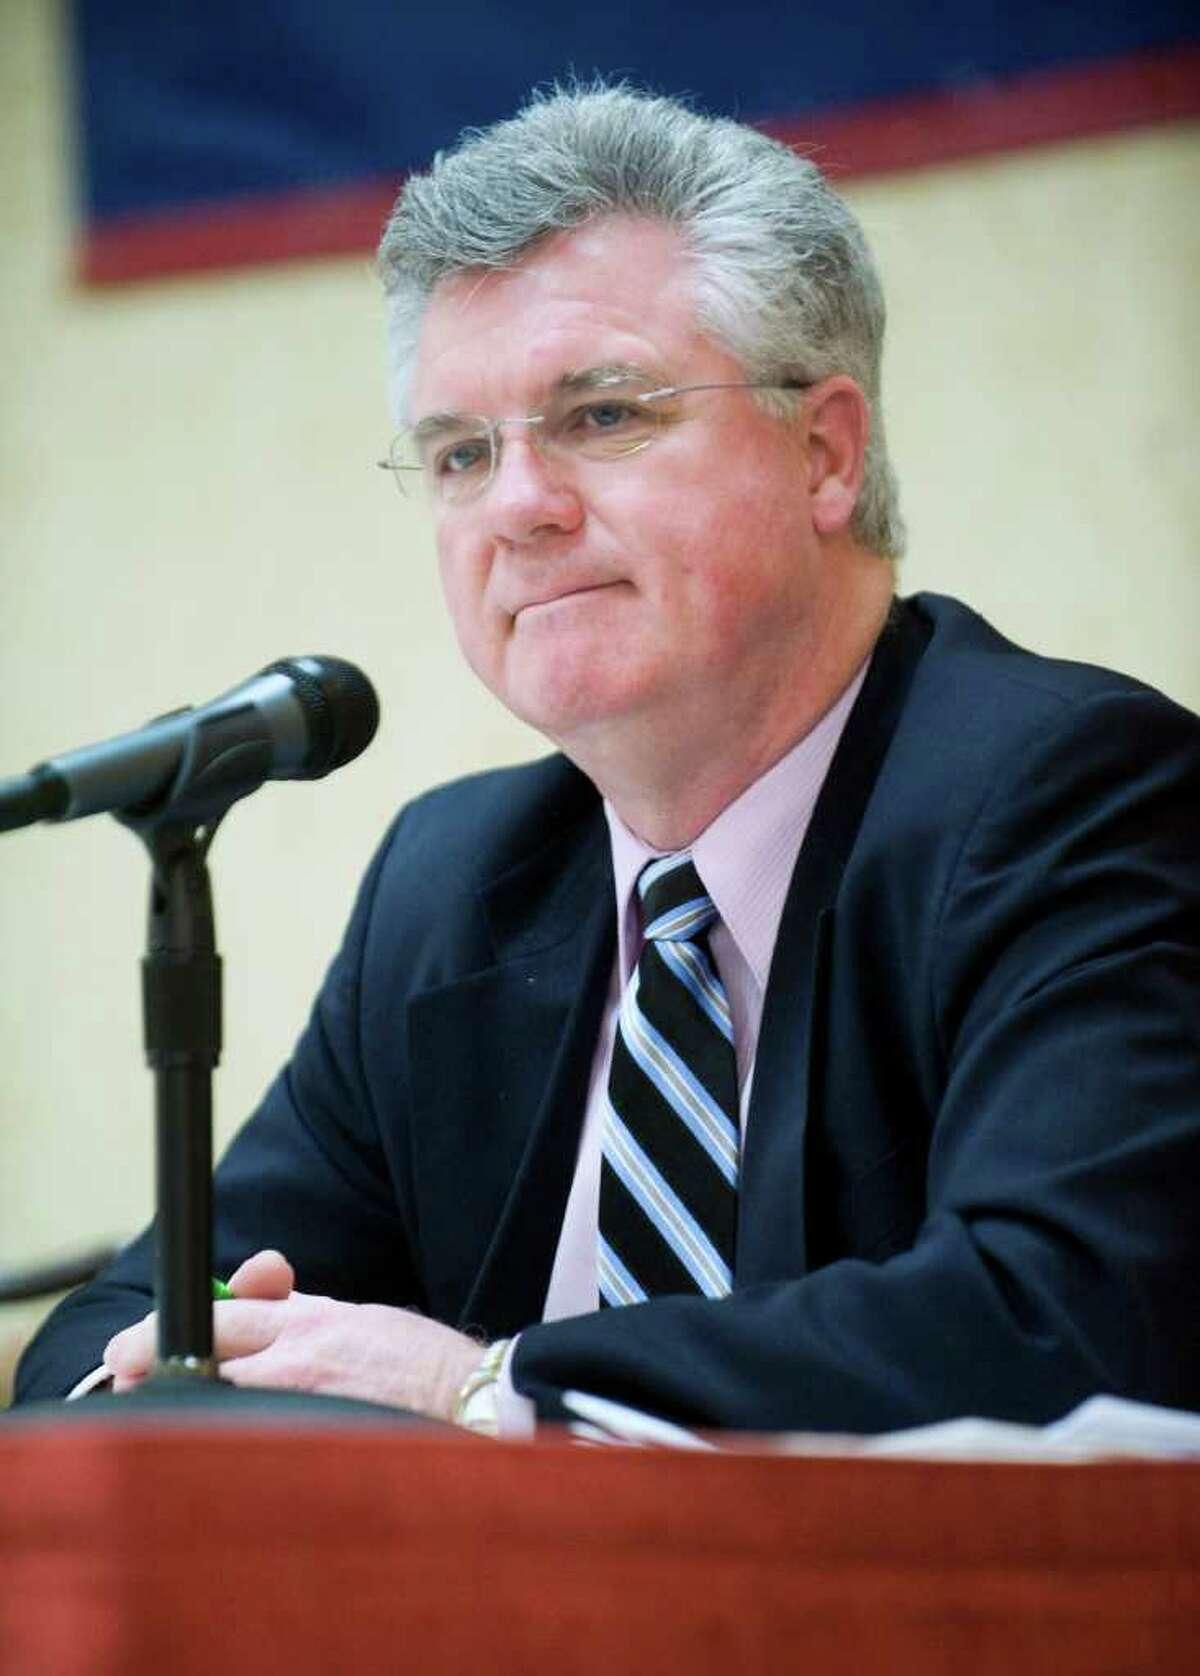 House Speaker Christopher Donovan, D-Meriden, at the 2011 Connecticut Legislative Leadership Breakfast in Stamford on Thursday March 24, 2011.